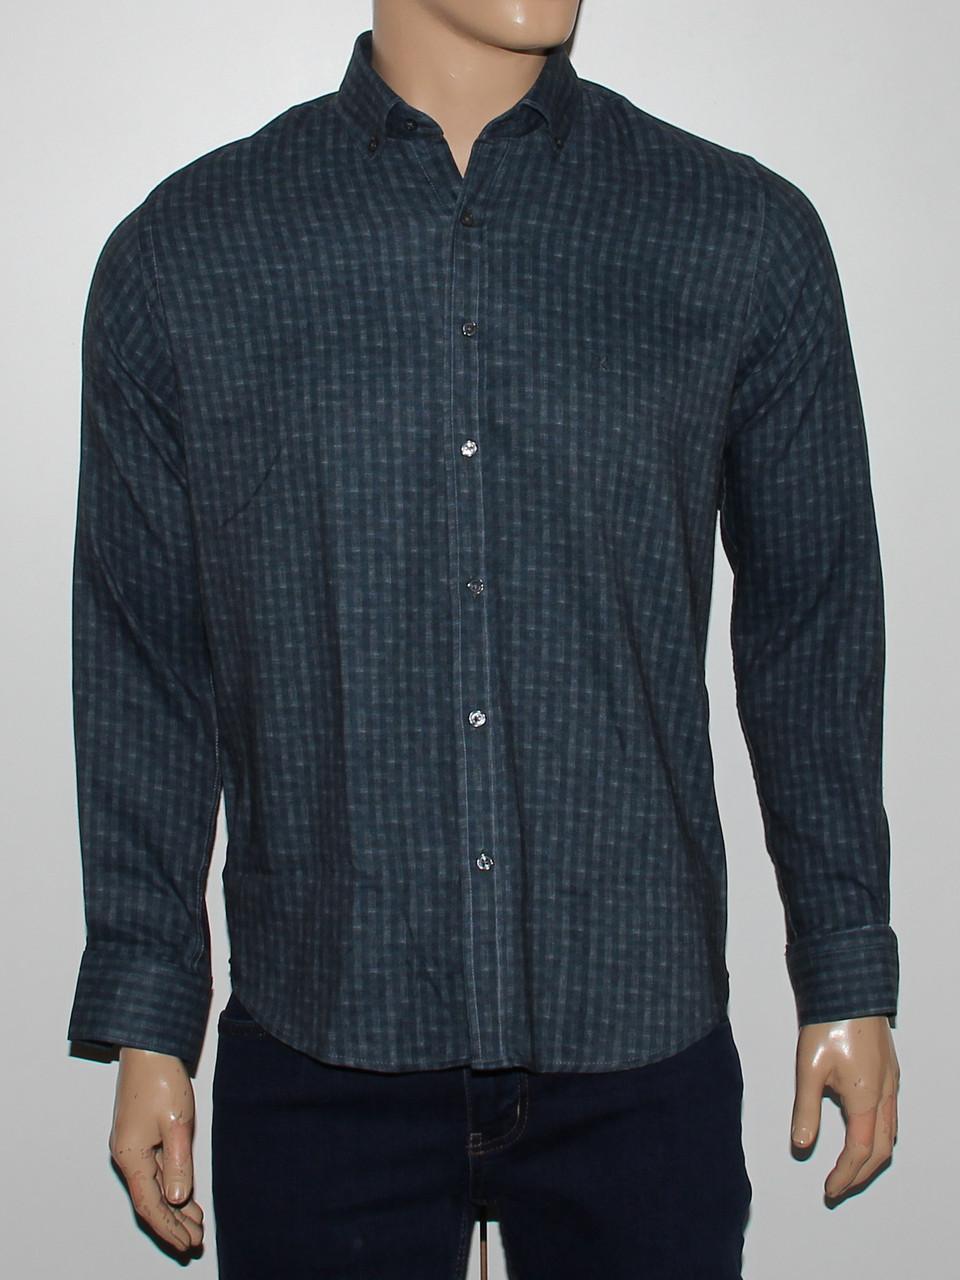 Рубашка приталенная Cardozo серая - фото 1